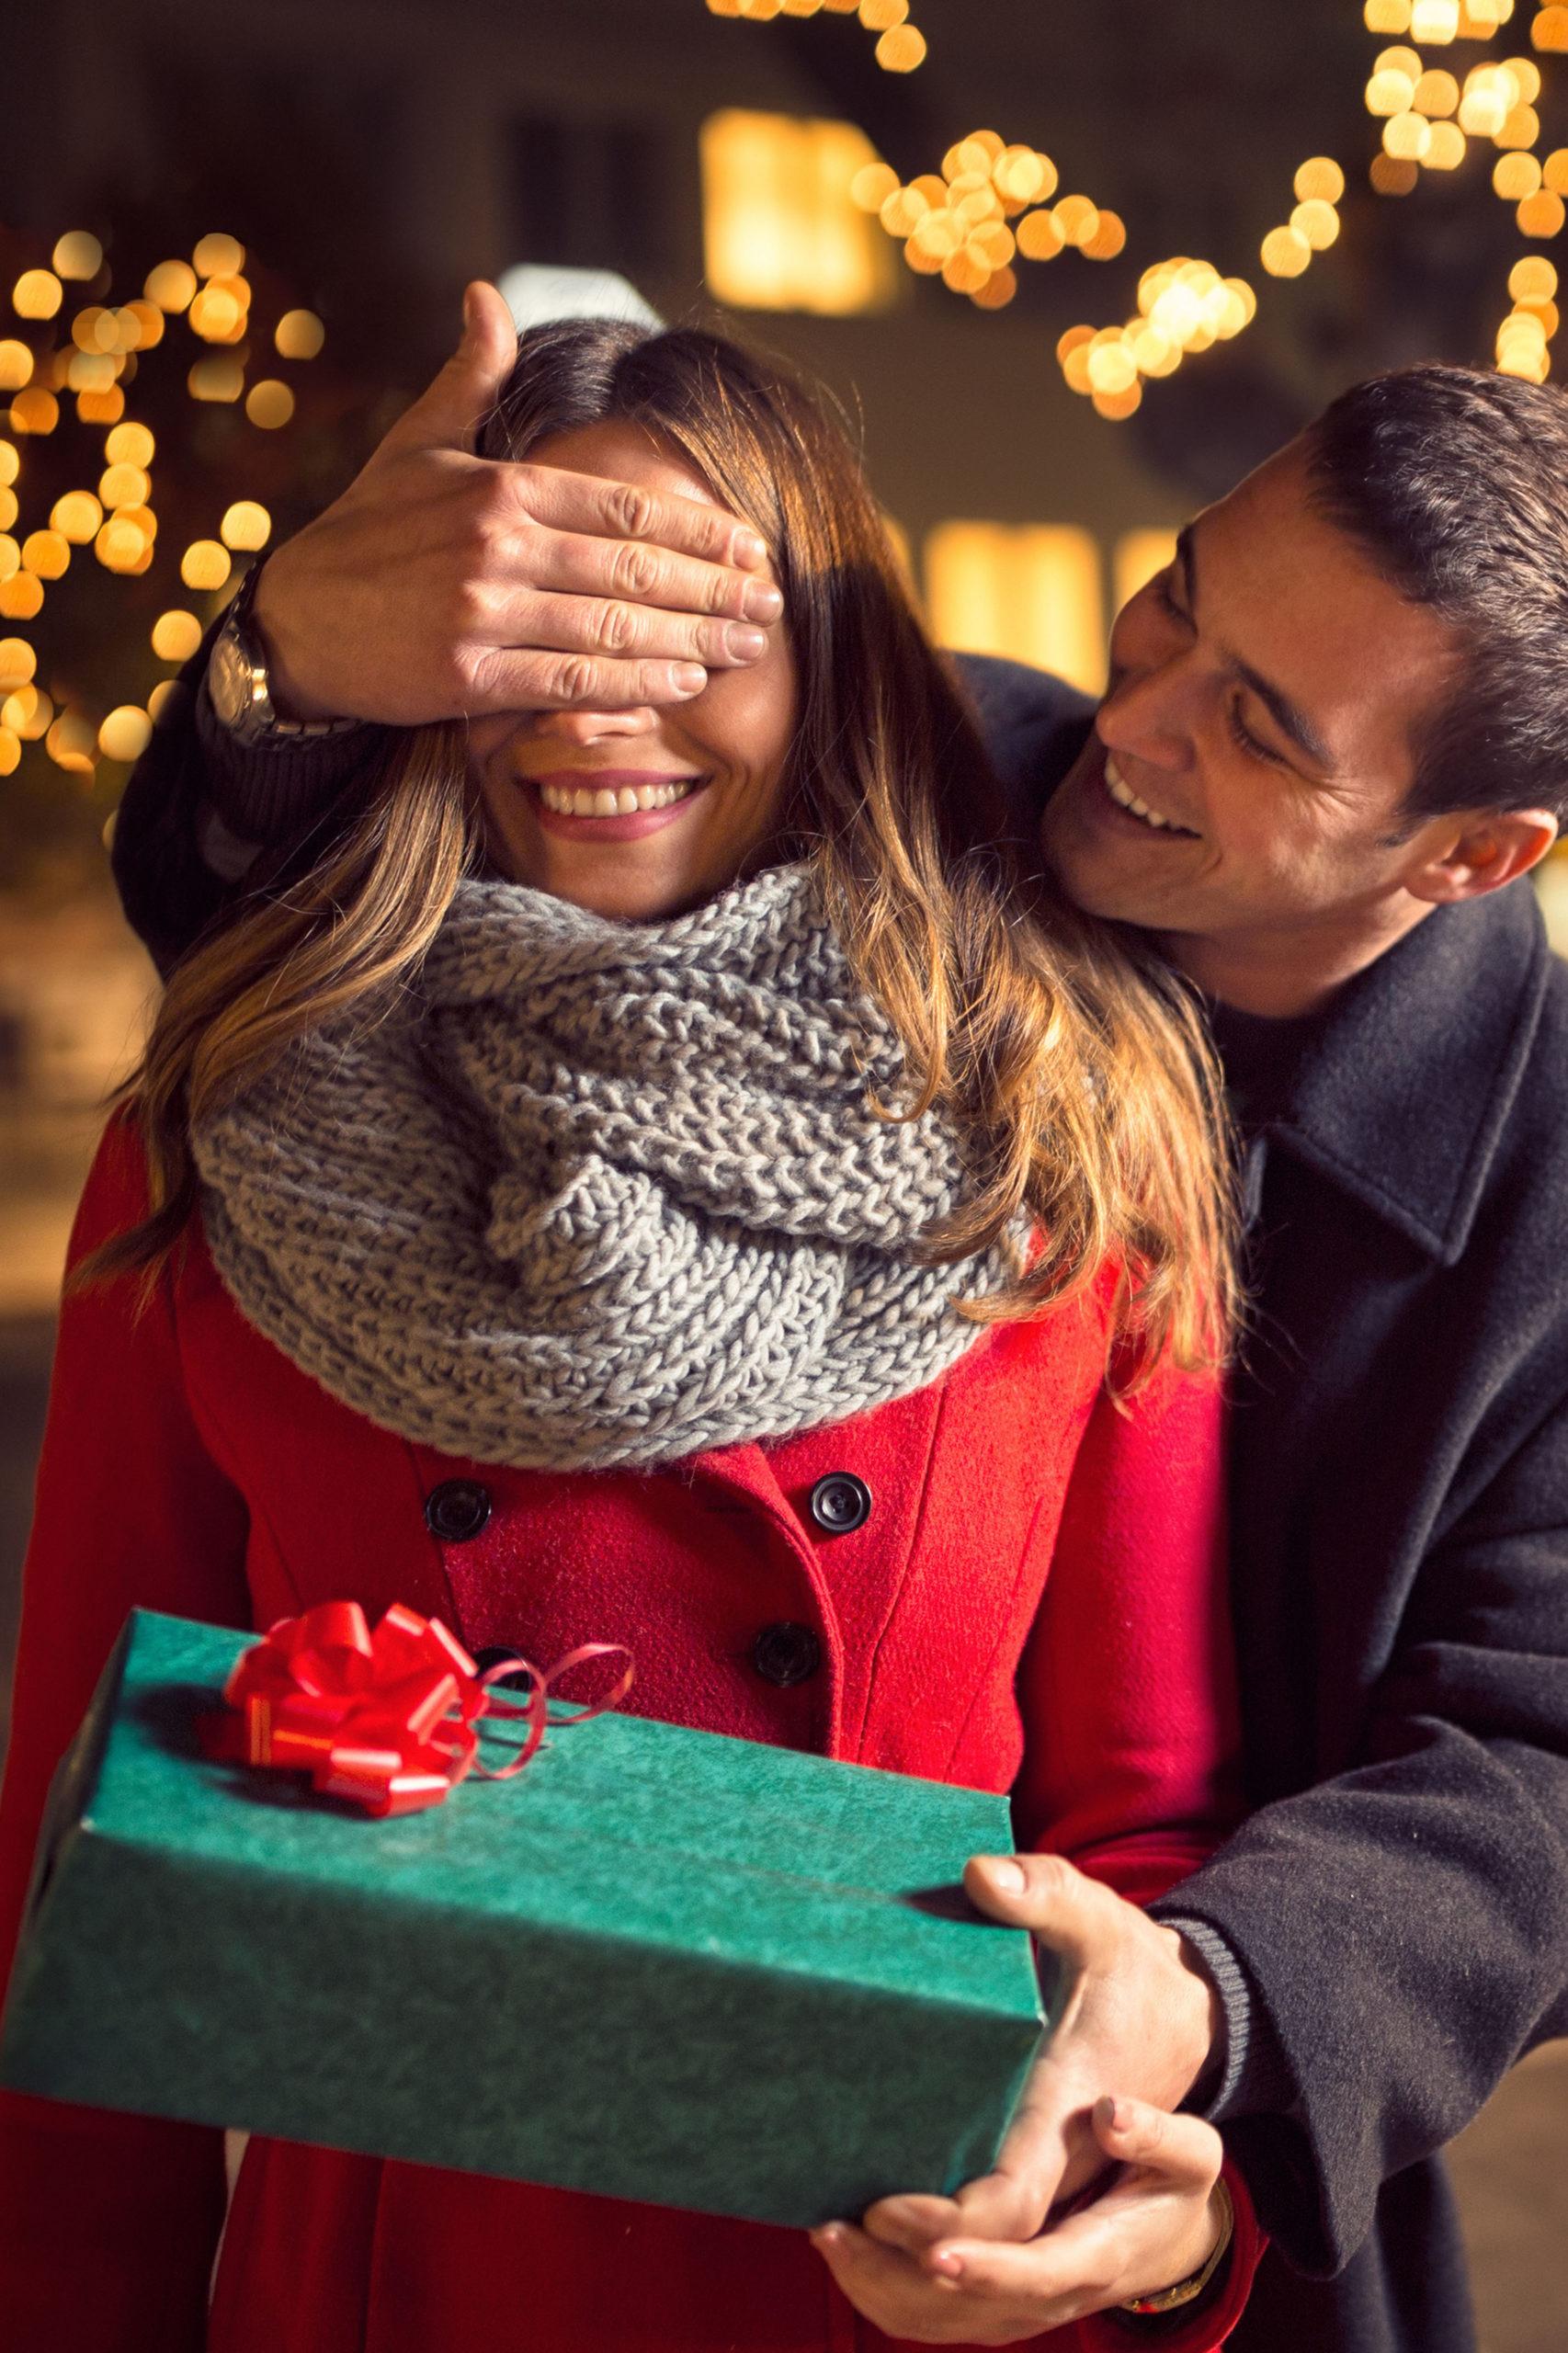 Mann verschenkt Romantikurlaub